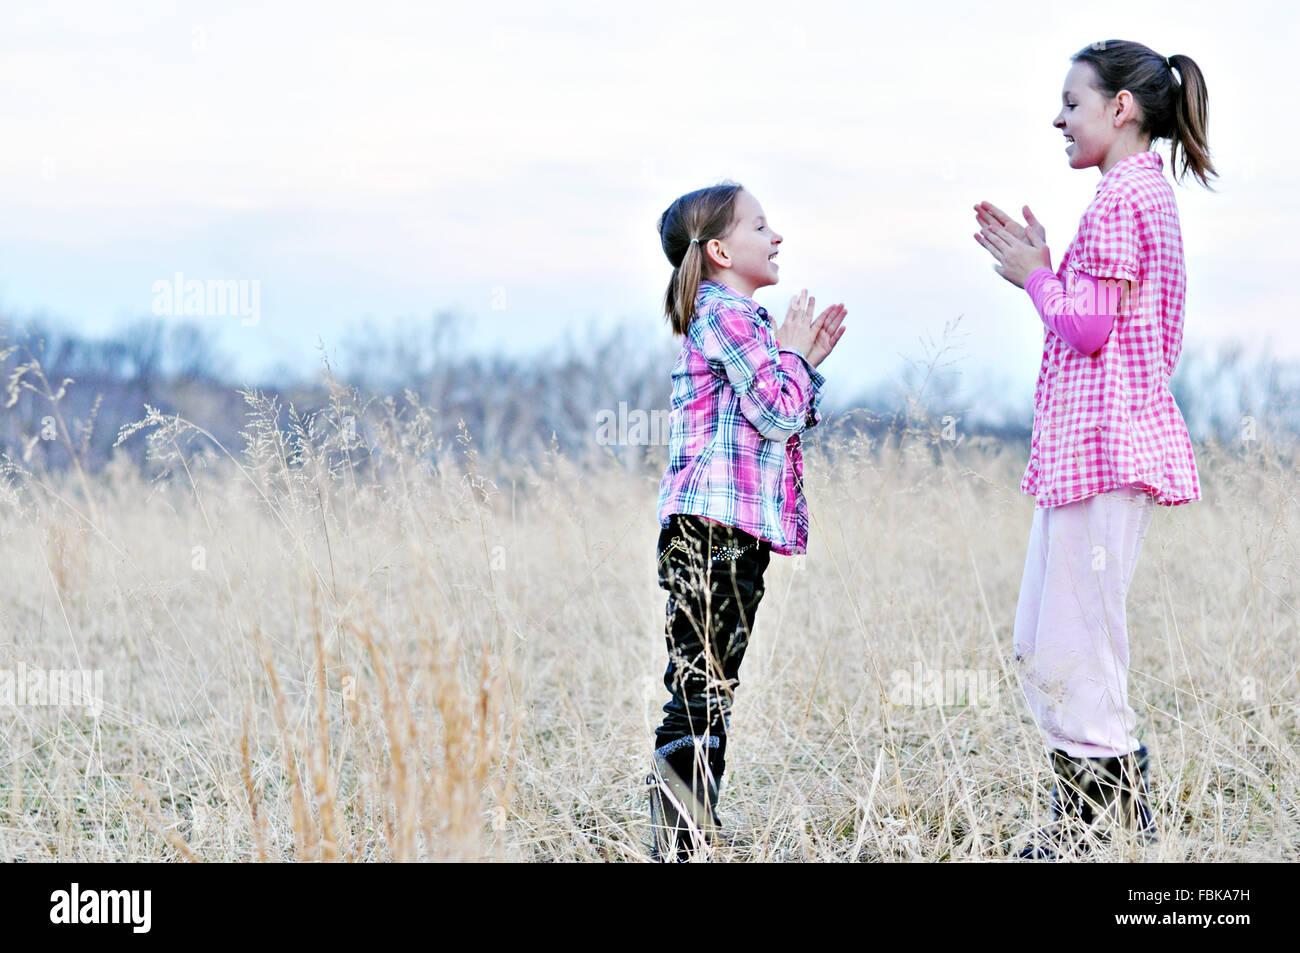 De jeunes filles, jouant des mains Jeux de mains dans la zone Photo Stock